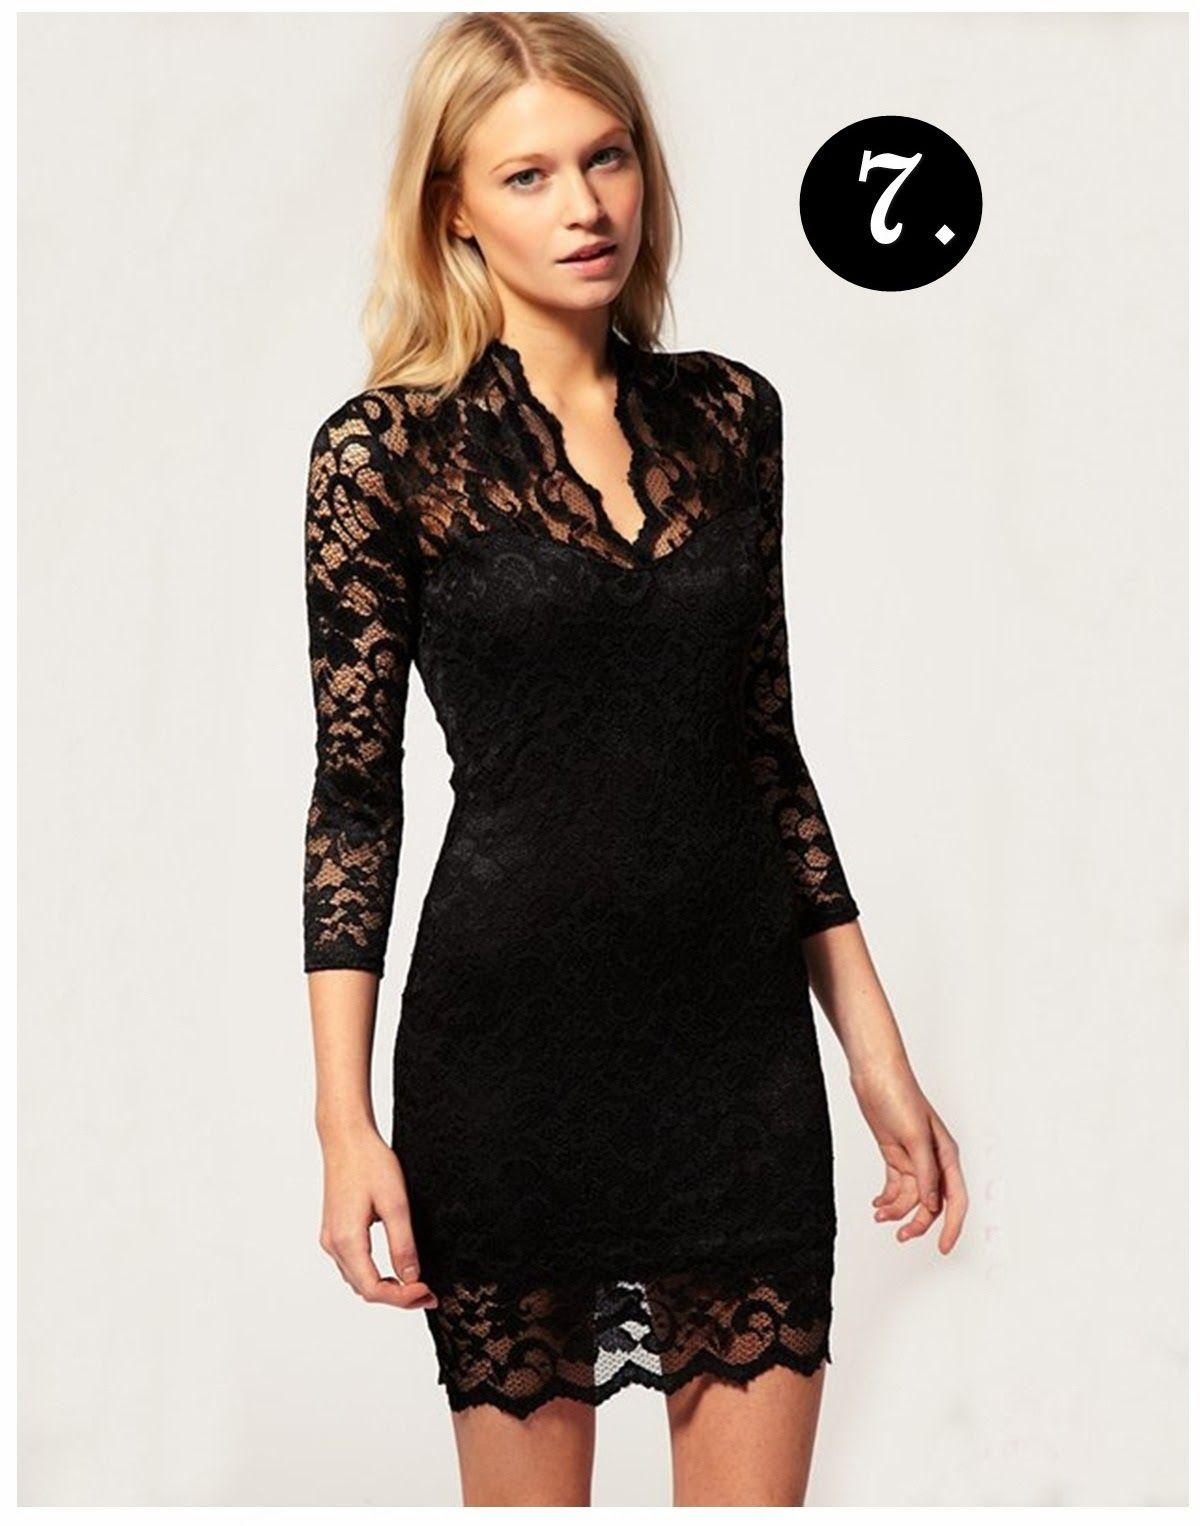 BLACK LACE  SUMMER DRESS | ... summer evening dress ruched dress 2014 Black Lace Evening Dress Models